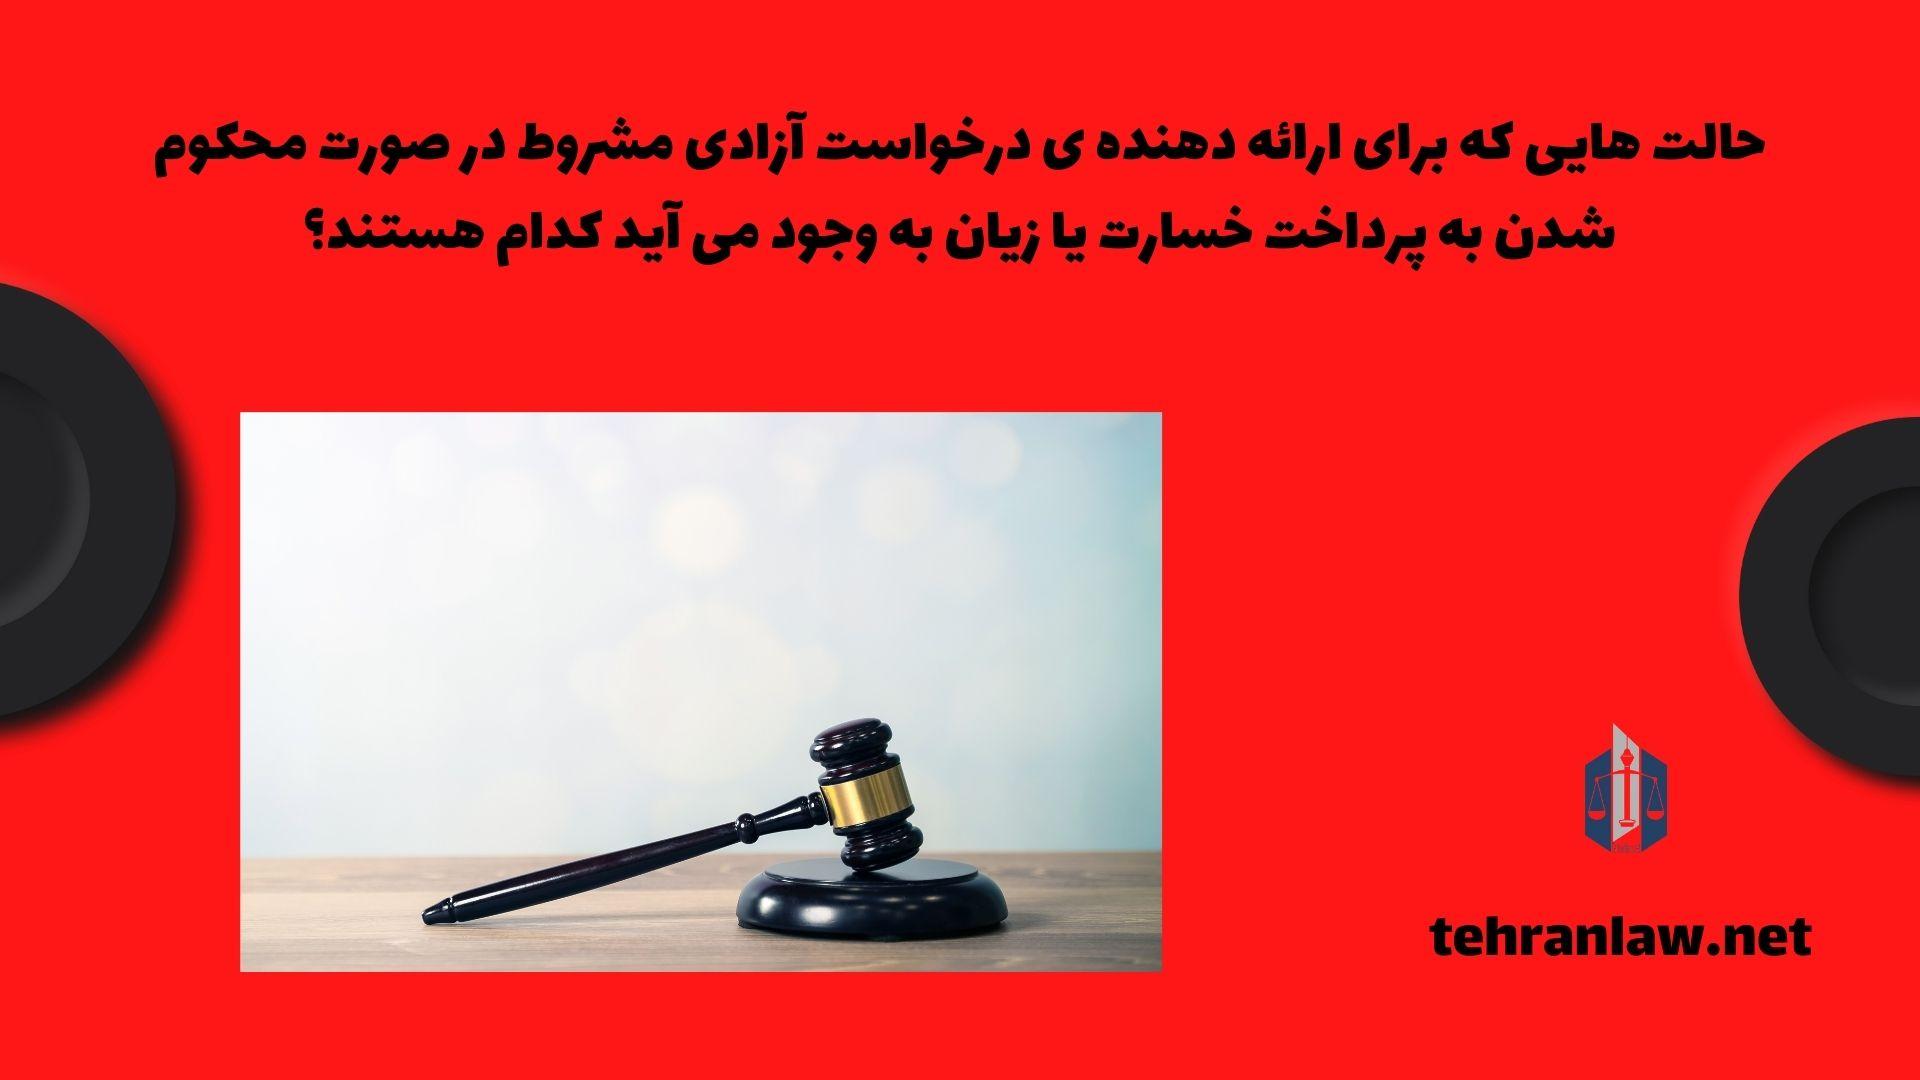 حالت هایی که برای ارائه دهنده ی درخواست آزادی مشروط در صورت محکوم شدن به پرداخت خسارت یا زیان به وجود می آید، کدام هستند؟